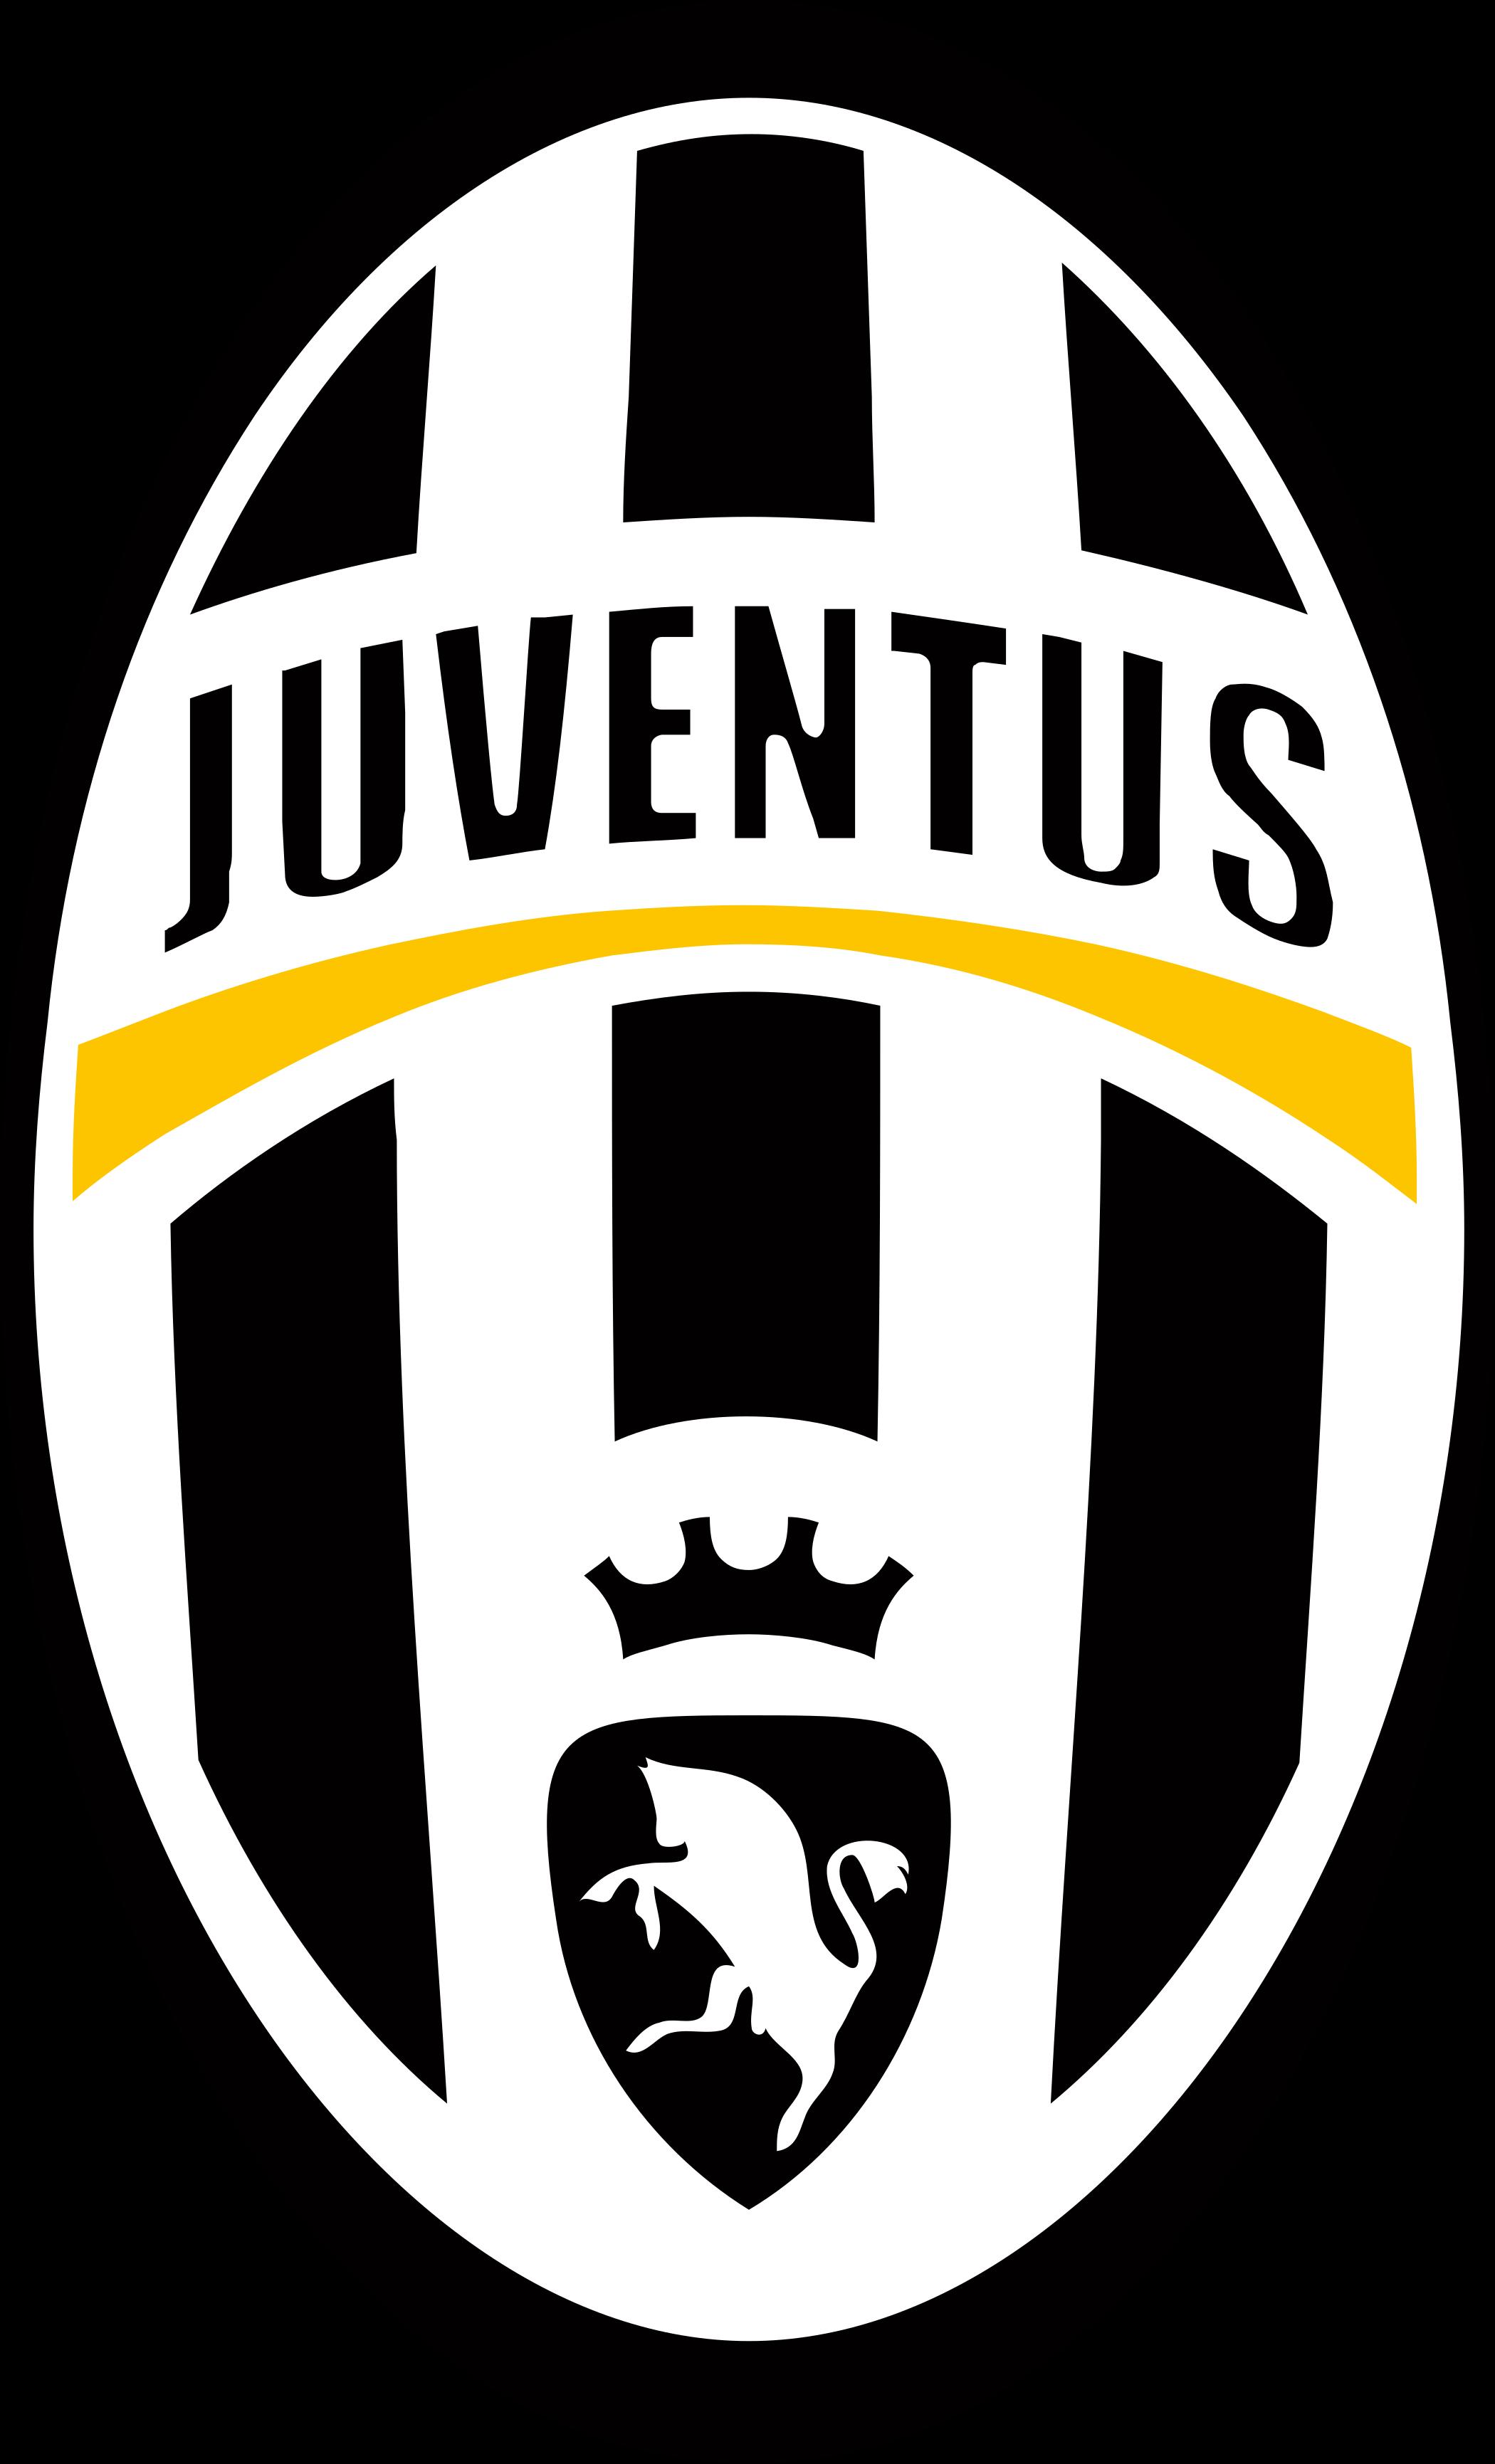 juventus-turim-logo-escudo-1